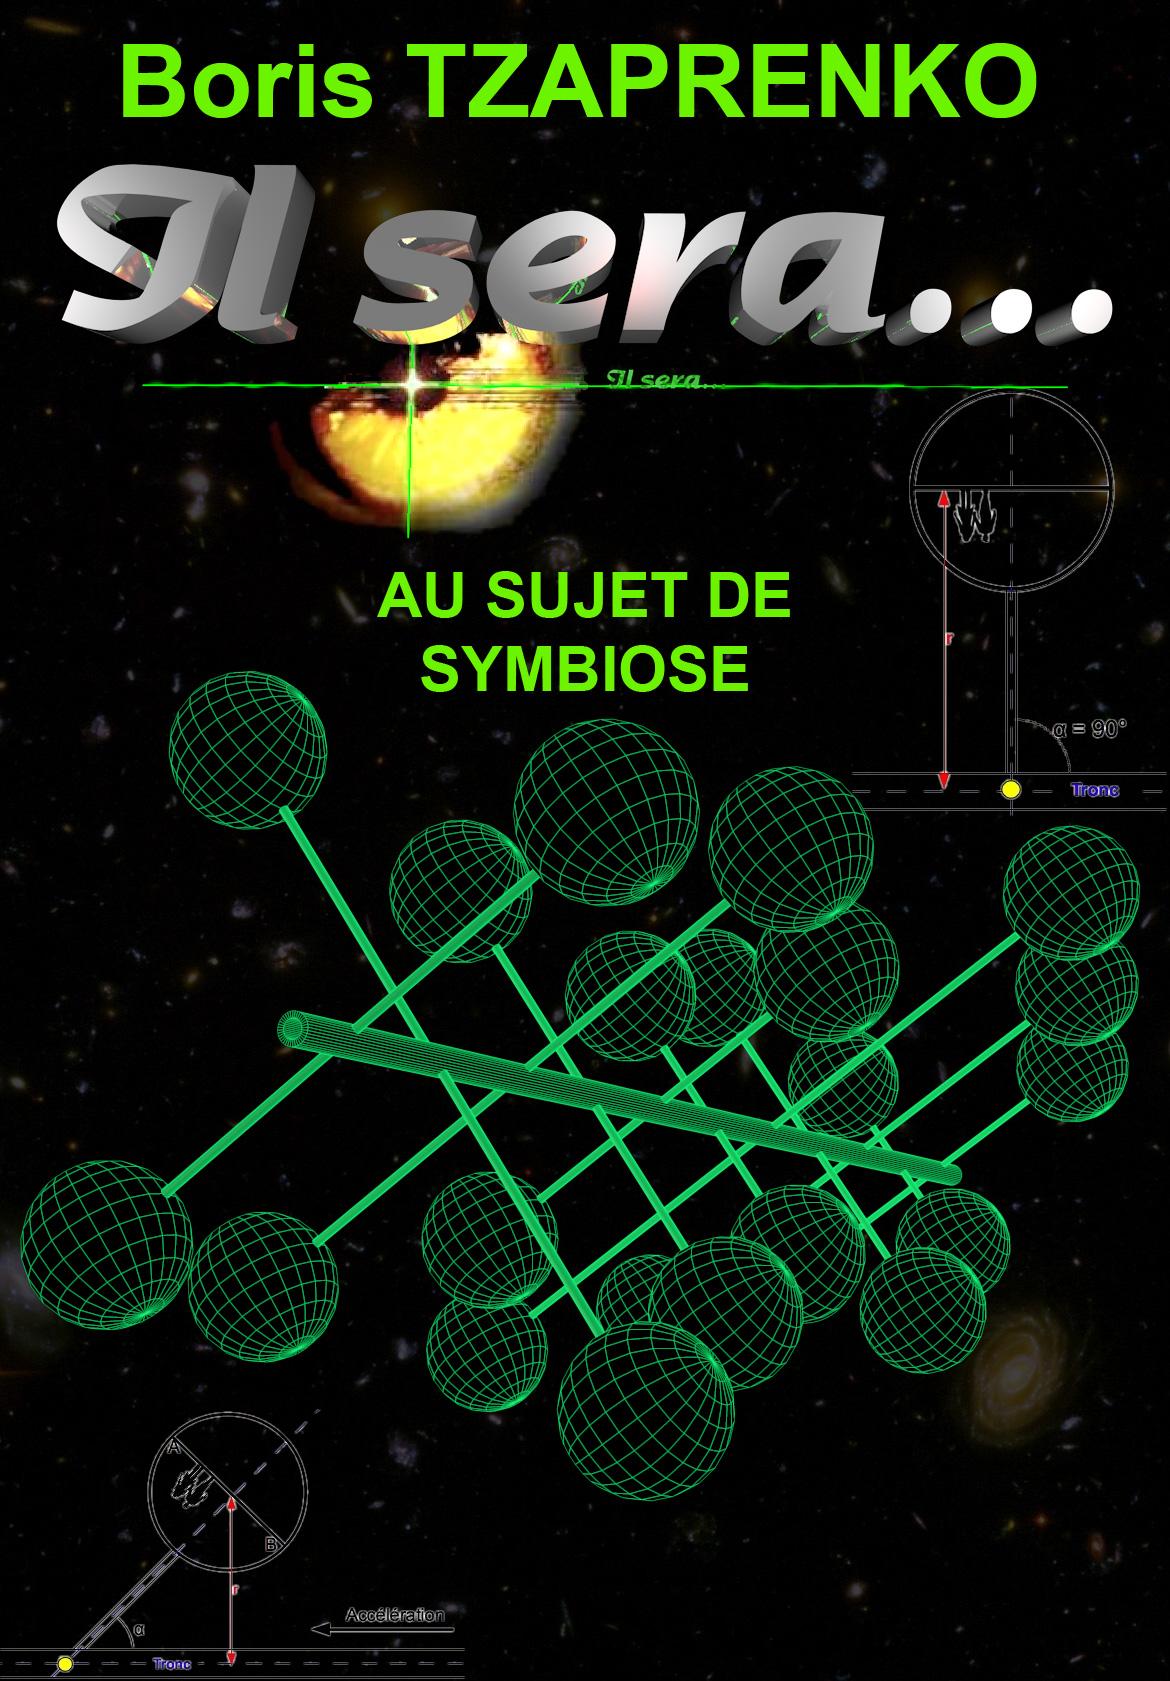 Au sujet de Symbiose